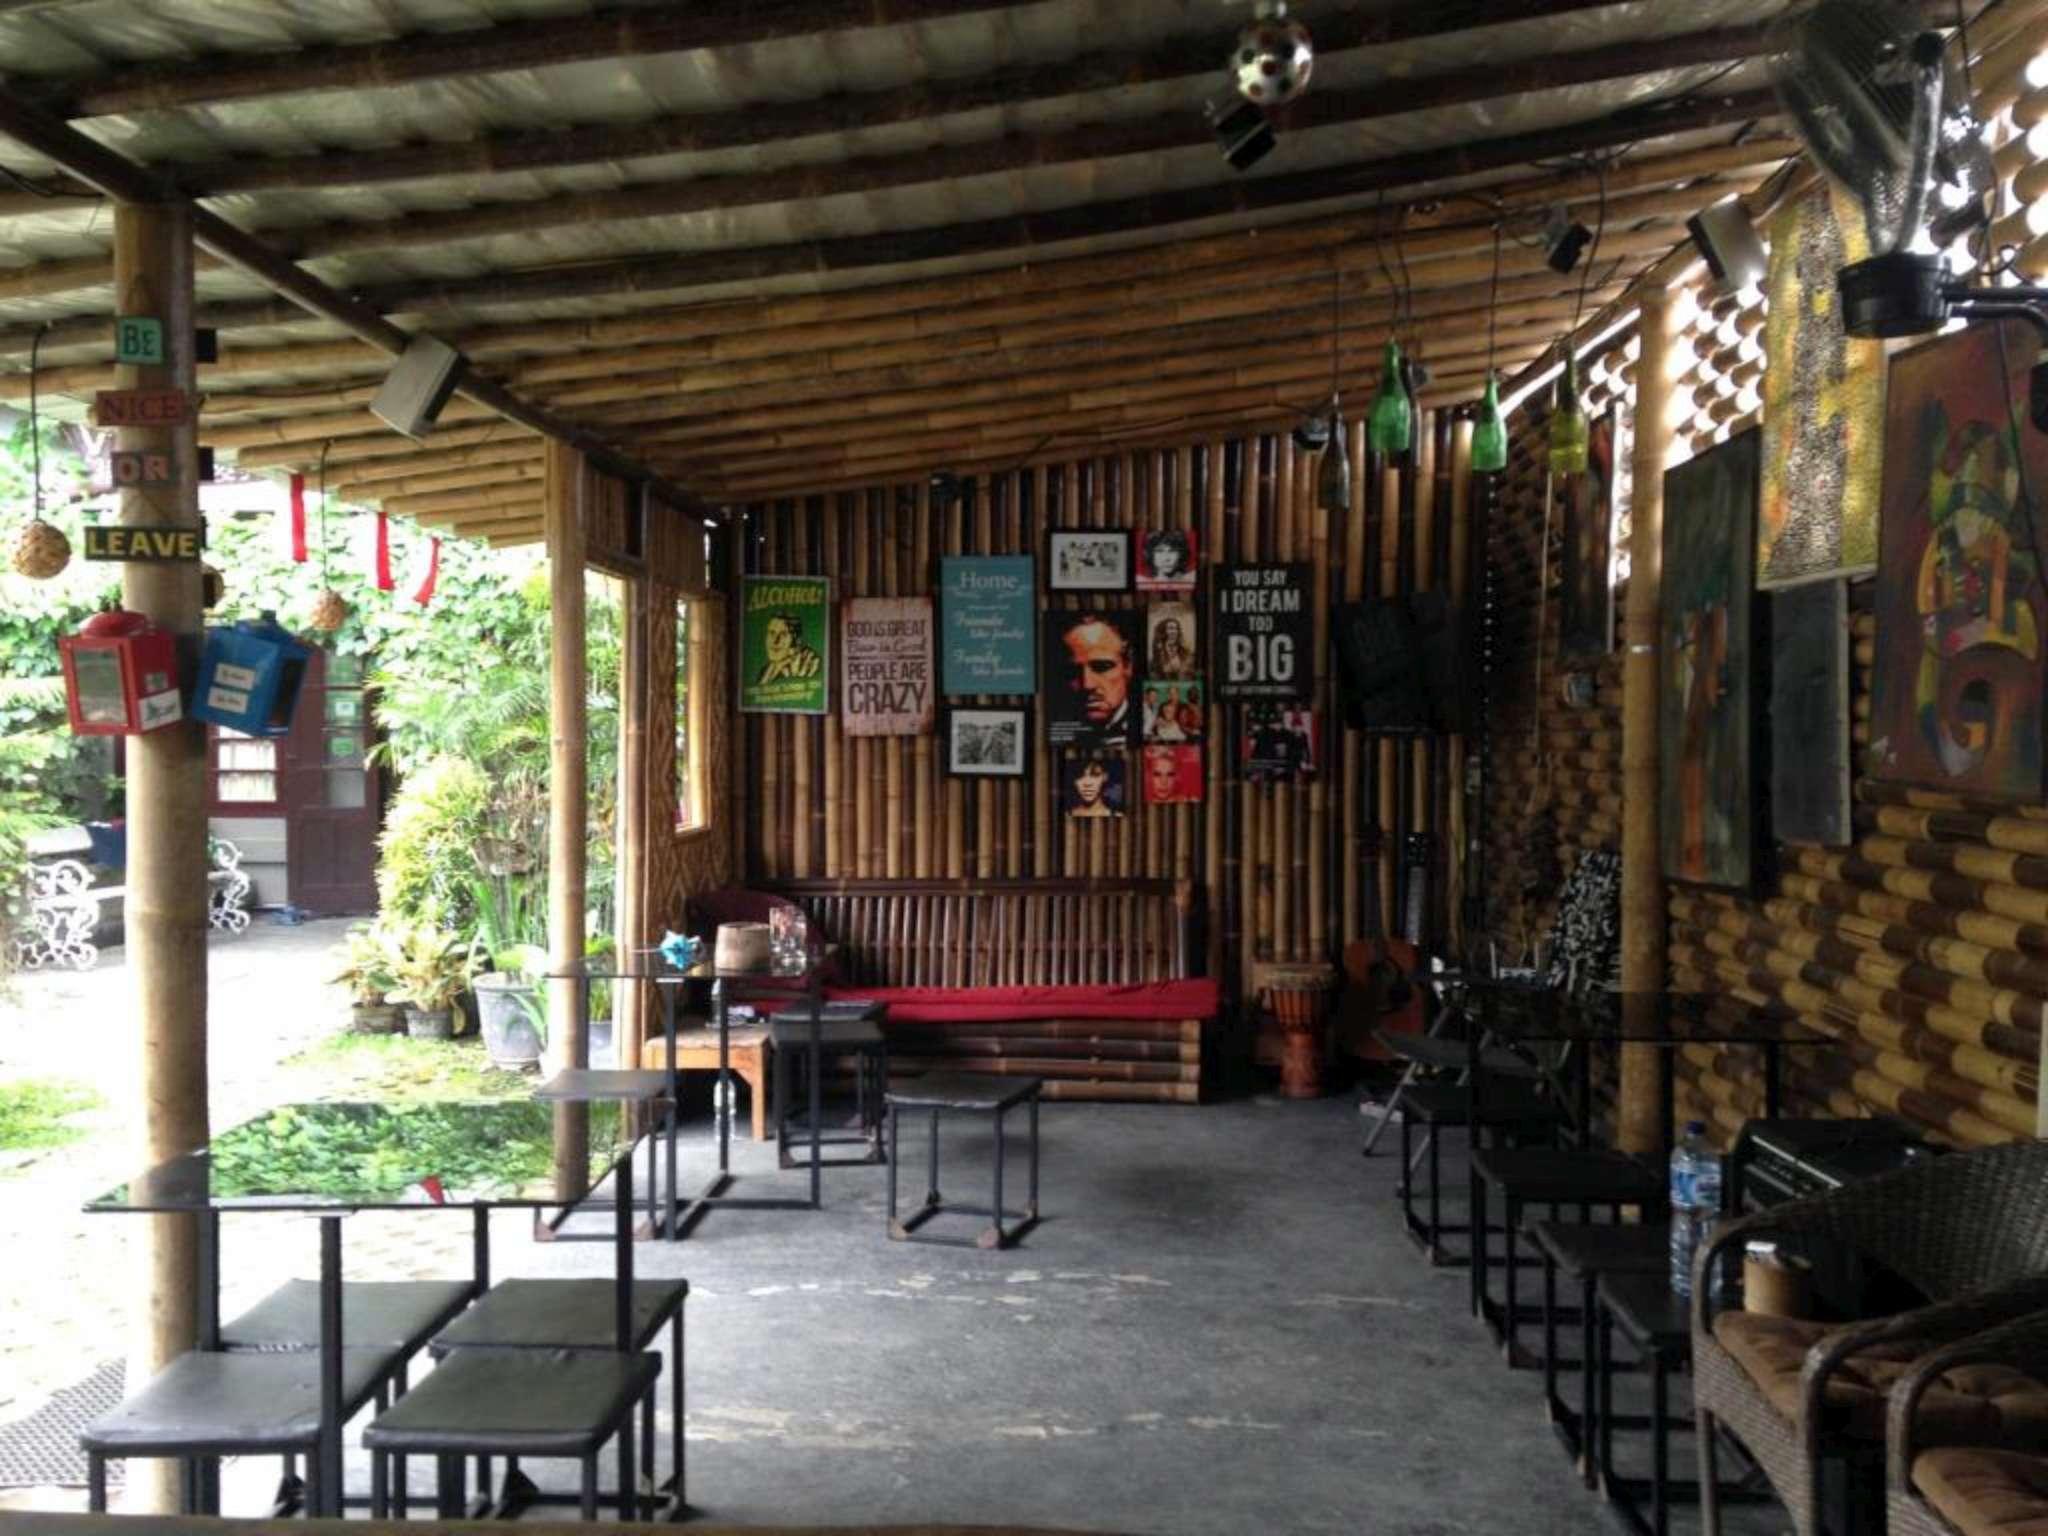 Venezia Garden Hotel Yogyakarta